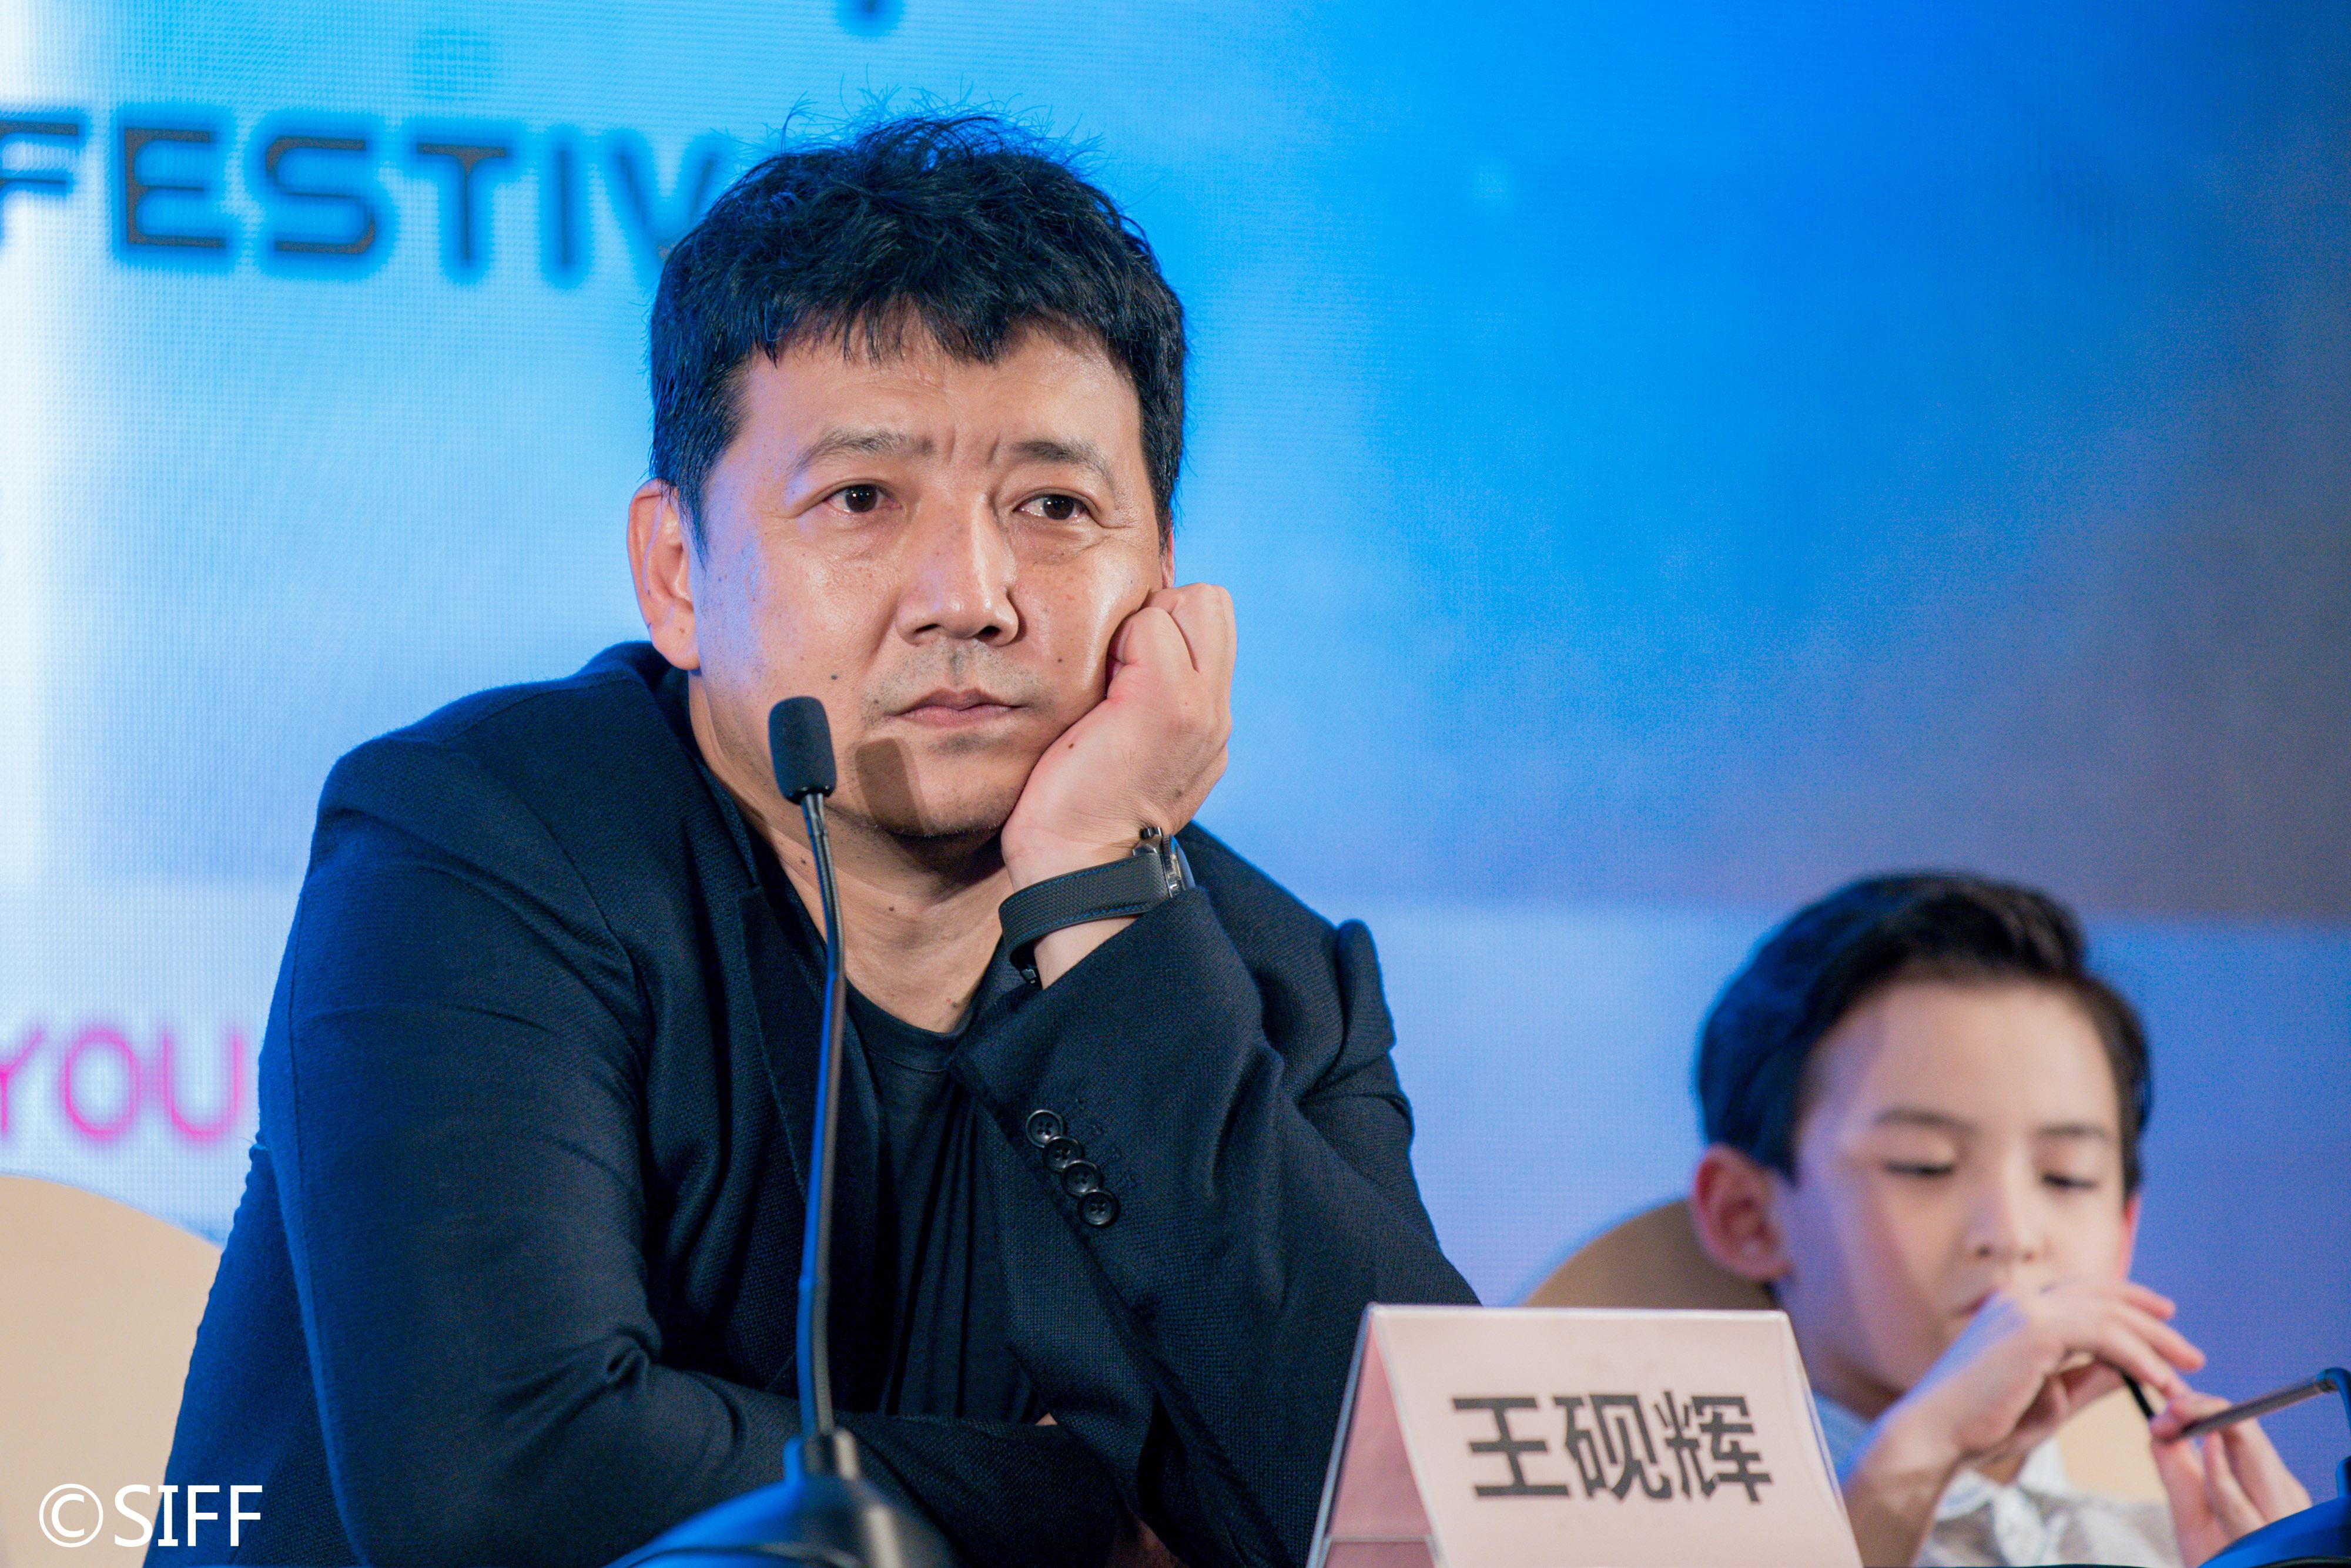 7月29日,中国上海,2020上海国际电影节,王砚辉出席电影《落地生》发布会。